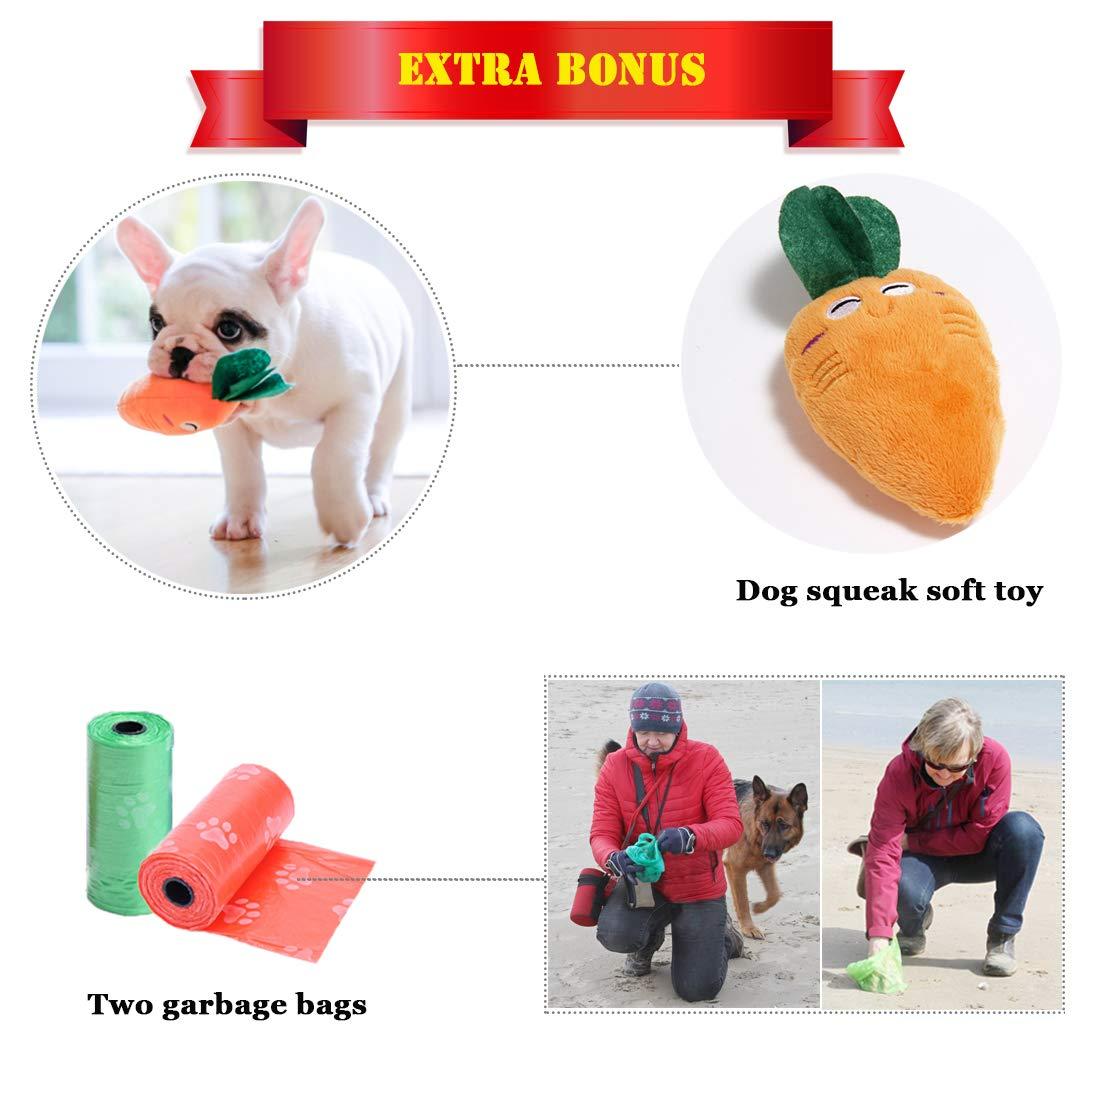 clicker TVMALL Sacchetto di Cibo per Cani Sacchetto di Allenamento per Cani Liberi per Cani con Dispenser a Sacco Integrato Borsa Snack per Cani con Tracolla Regolabile Fischio di Allenamento